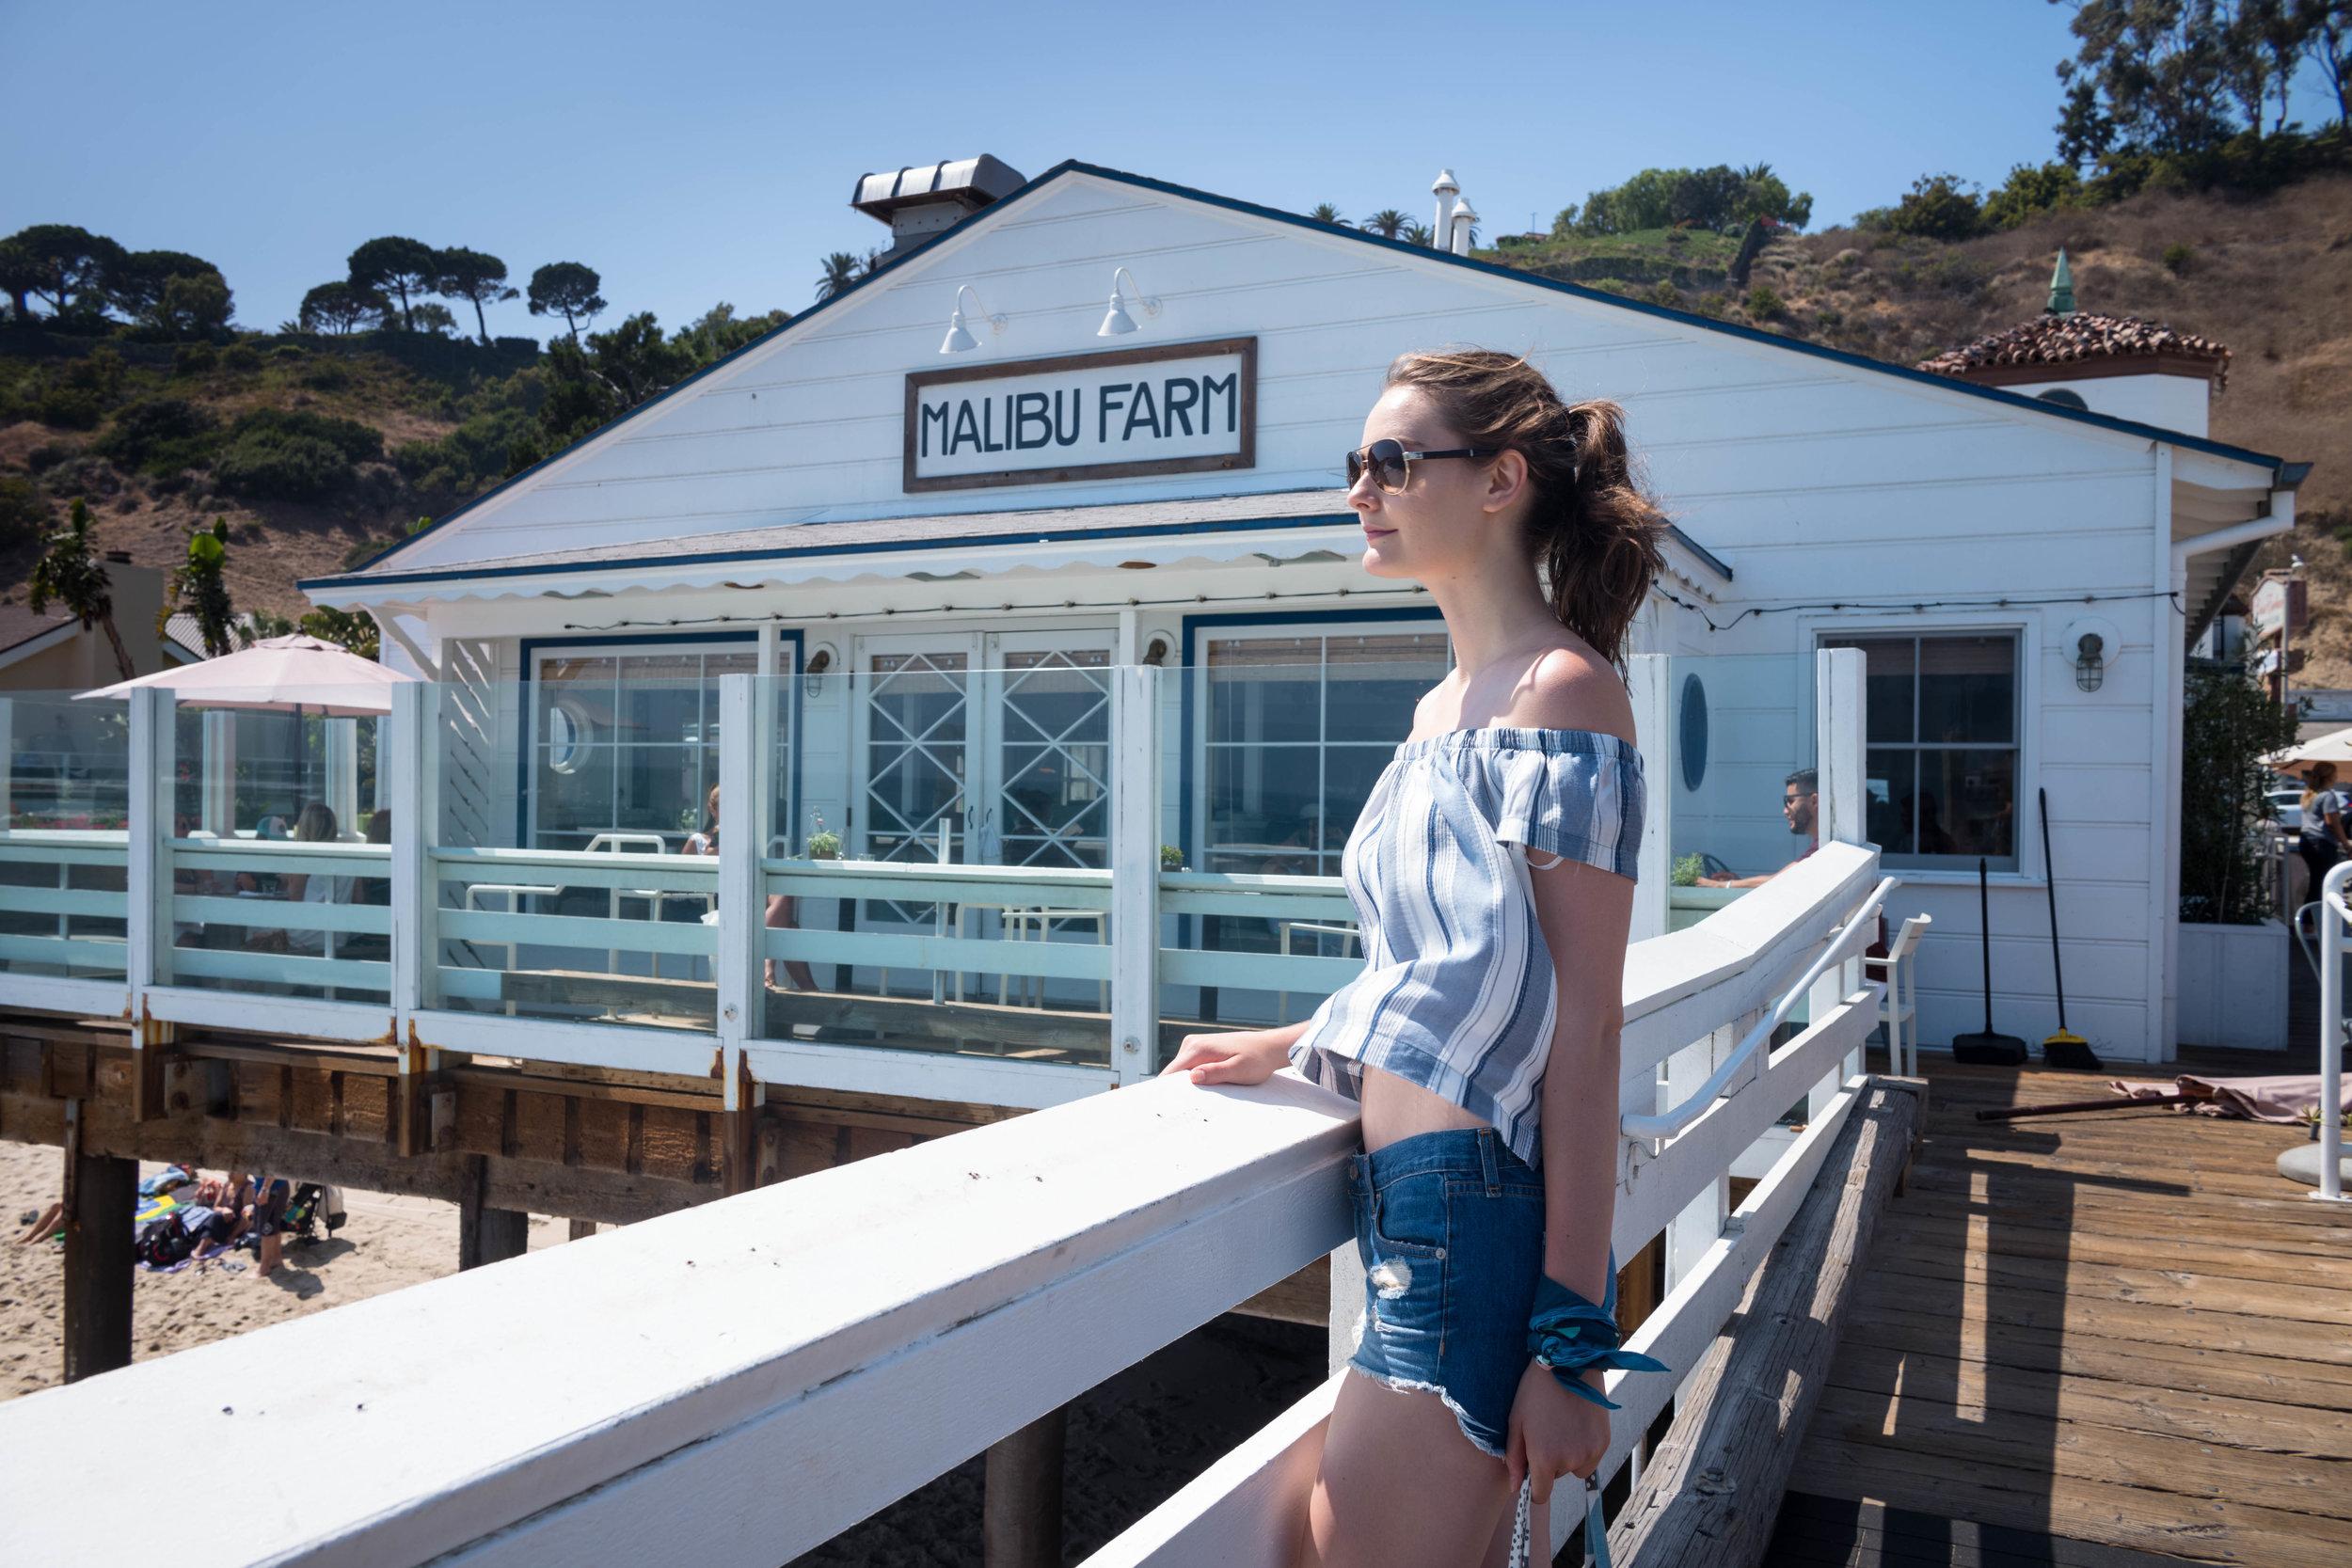 On Malibu Pier. Leica 28mm f/1.4 Summilux ASPH